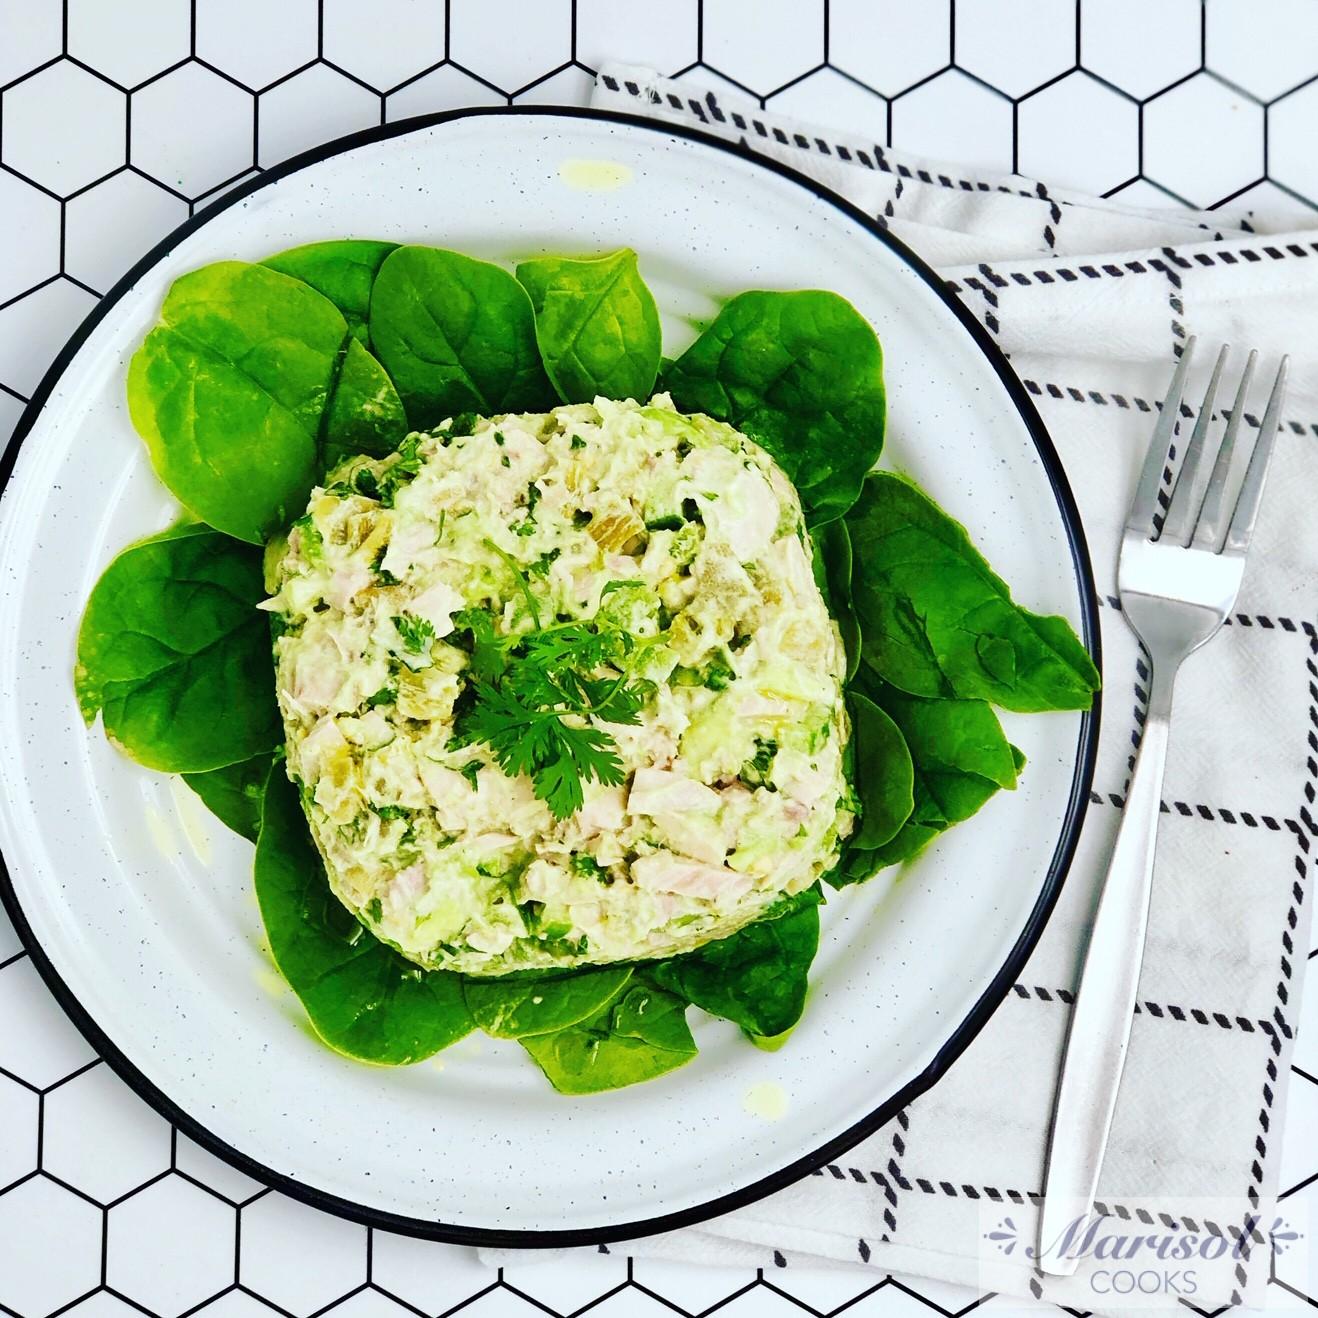 Green Tuna Salad